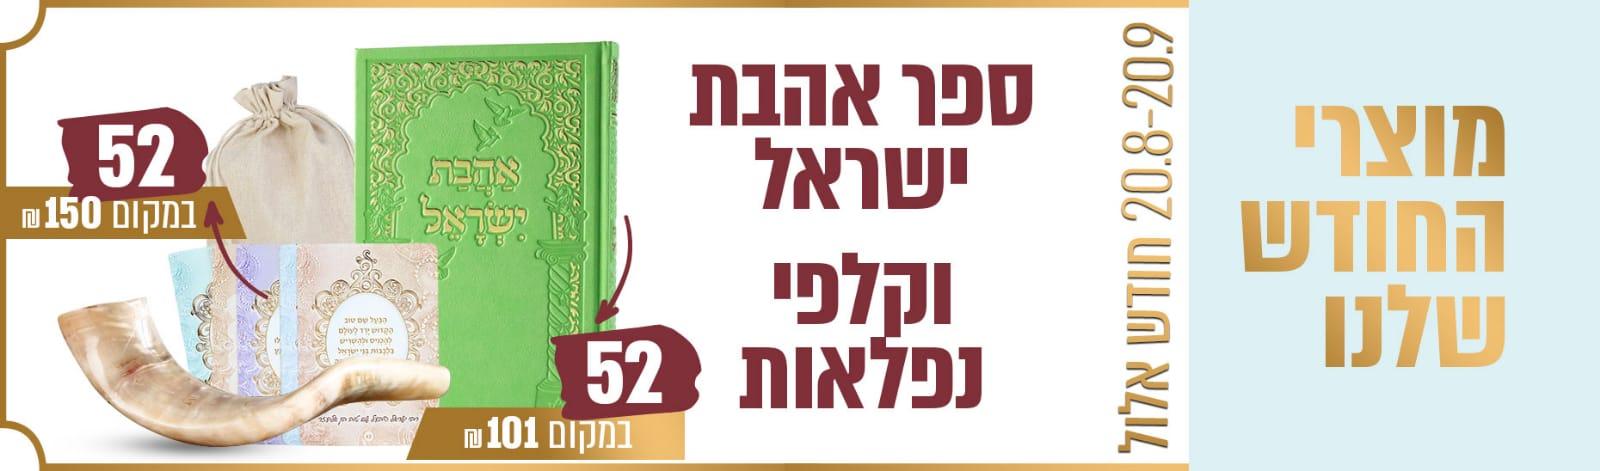 סיפורי הבעל שם טוב - אהבת ישראל - ניצחתי ואנצח